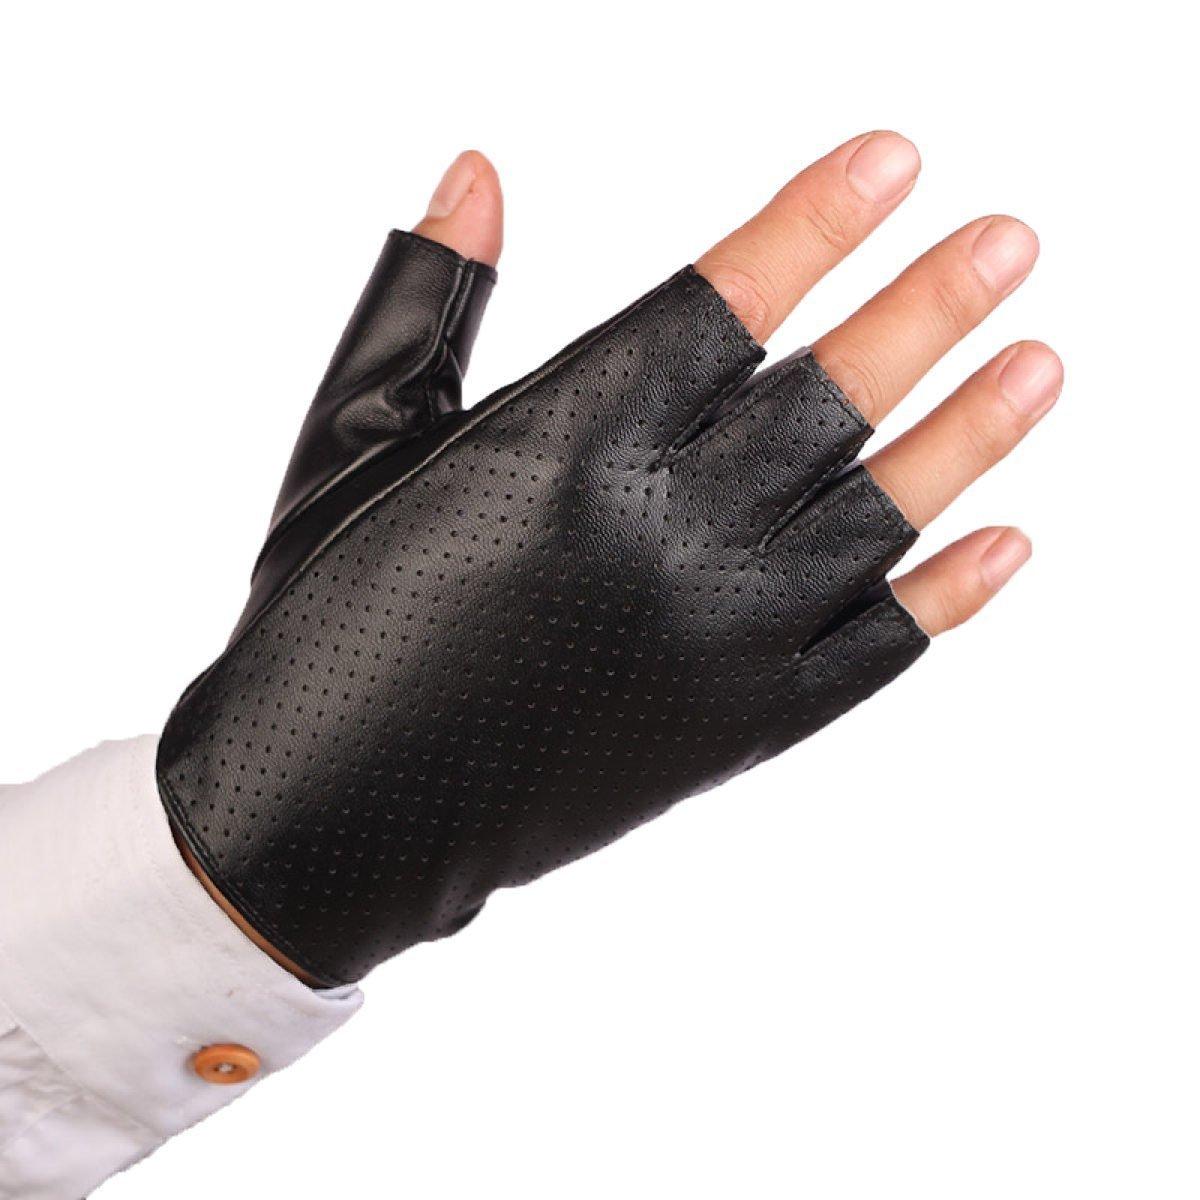 GBT Guantes de cuero medio dedo masculino presentando medios para el último paseo en moto,Negro2,Un tamaño